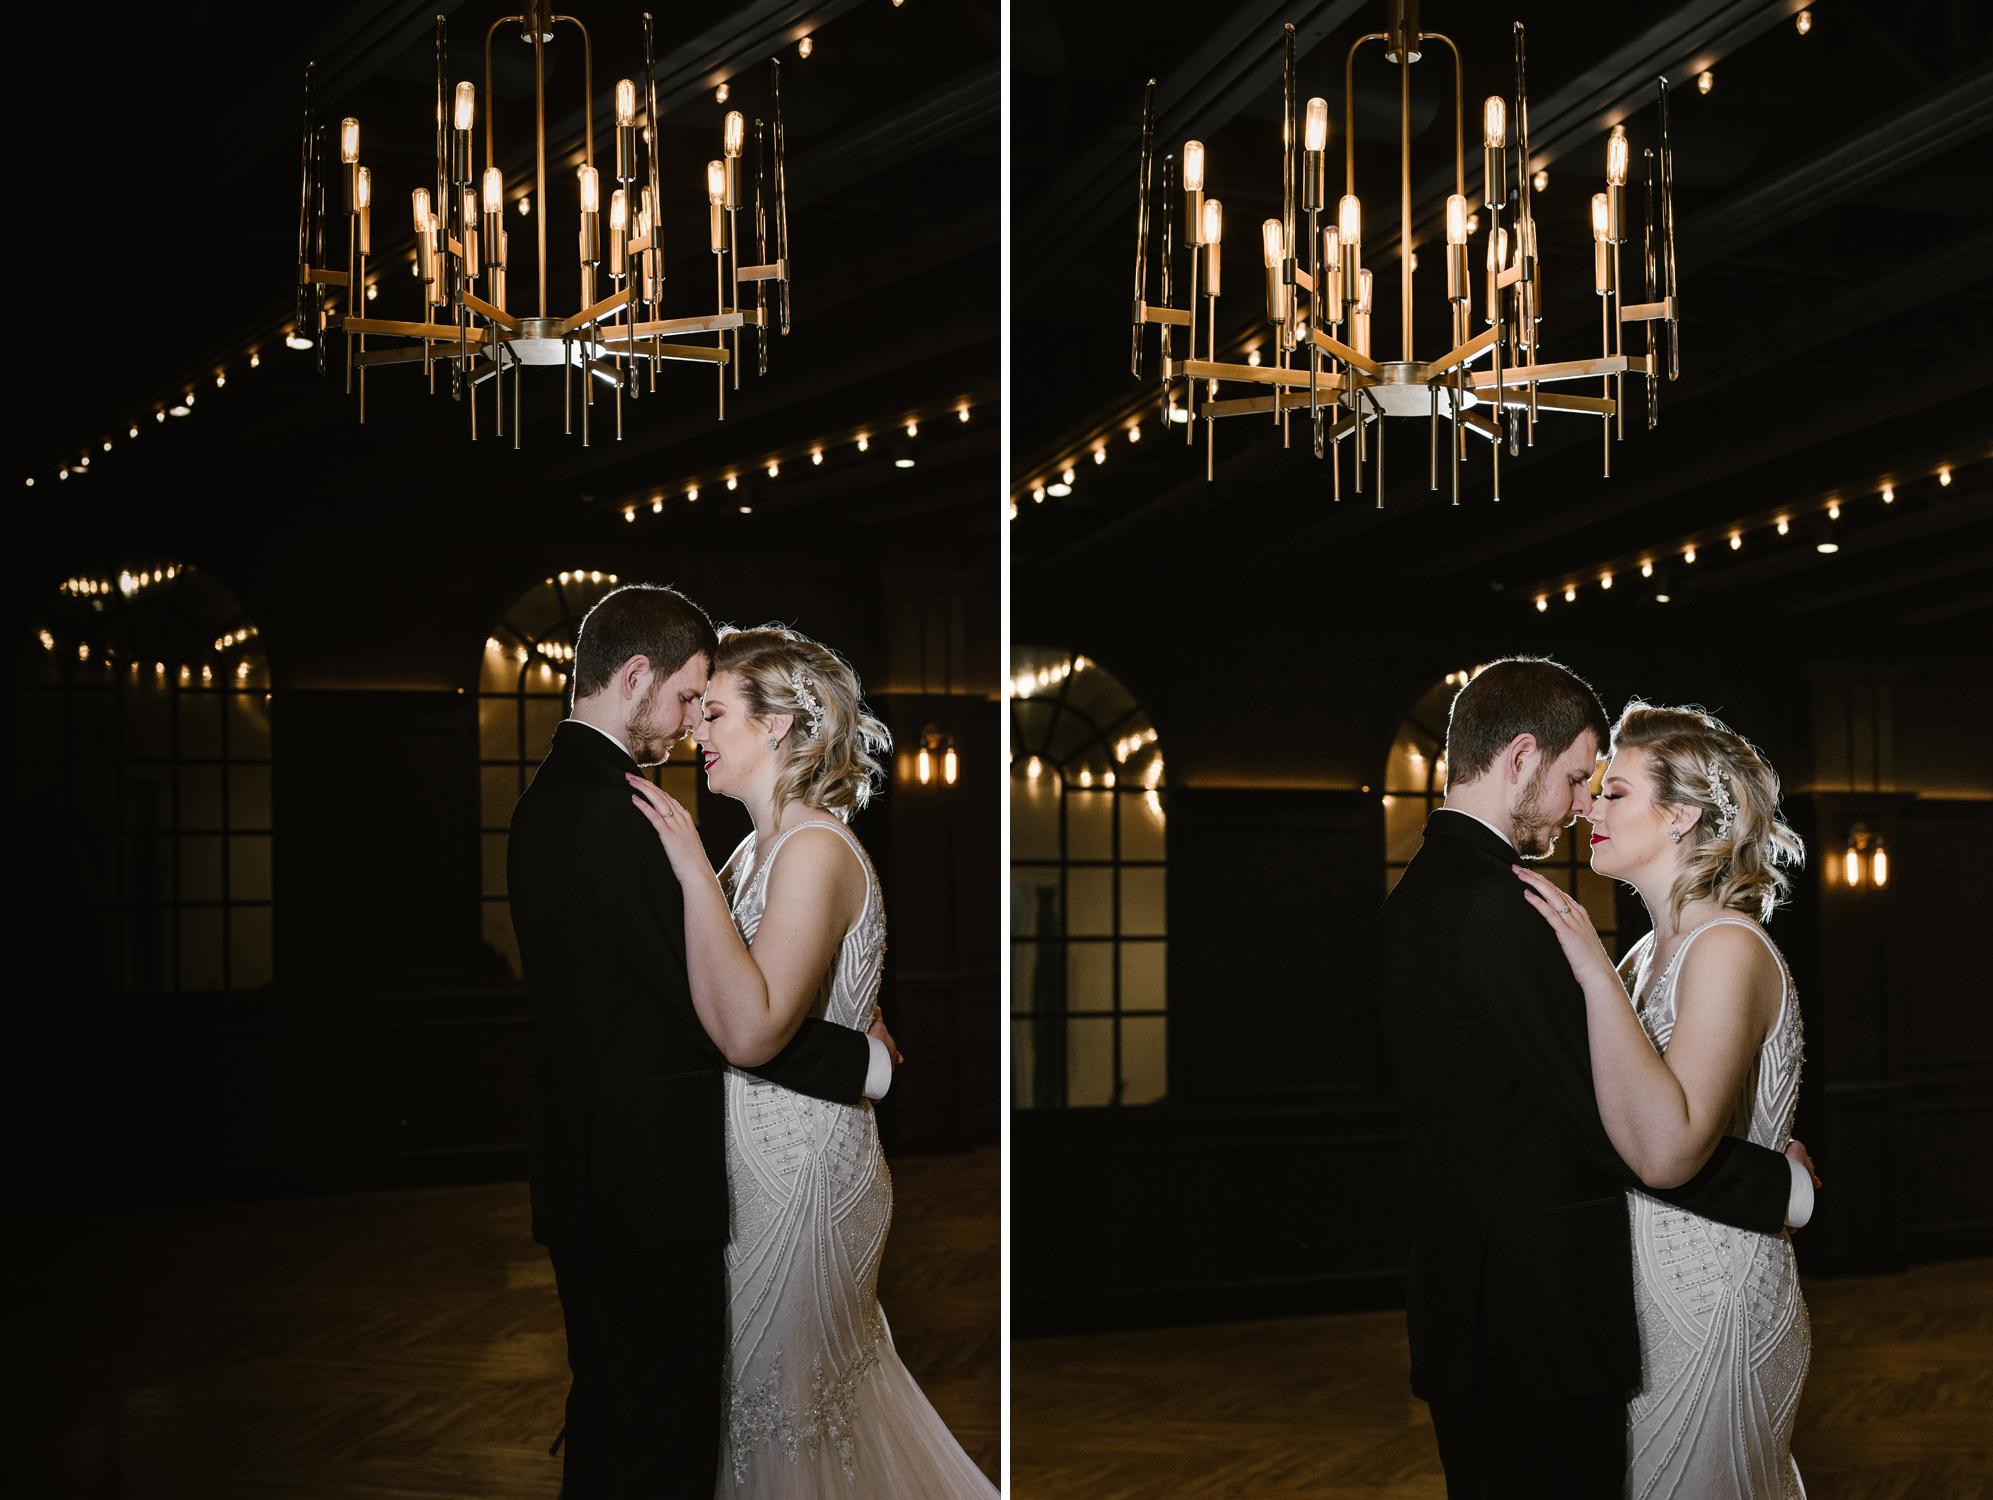 revel-center-wedding-photographer-2.jpg